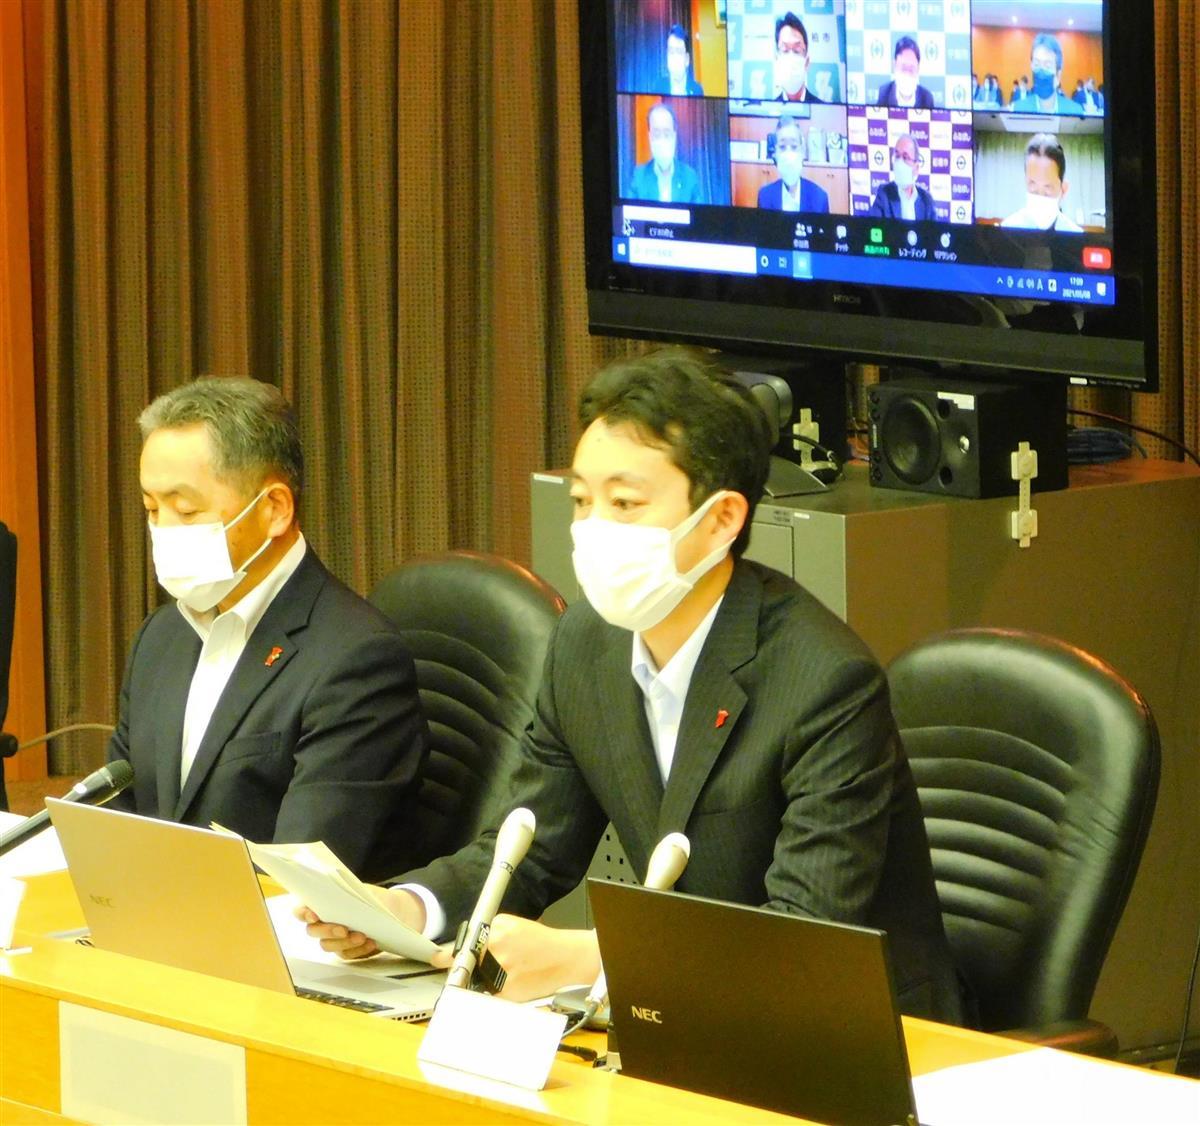 千葉県の新型コロナ、変異株7割に 知事が危機感